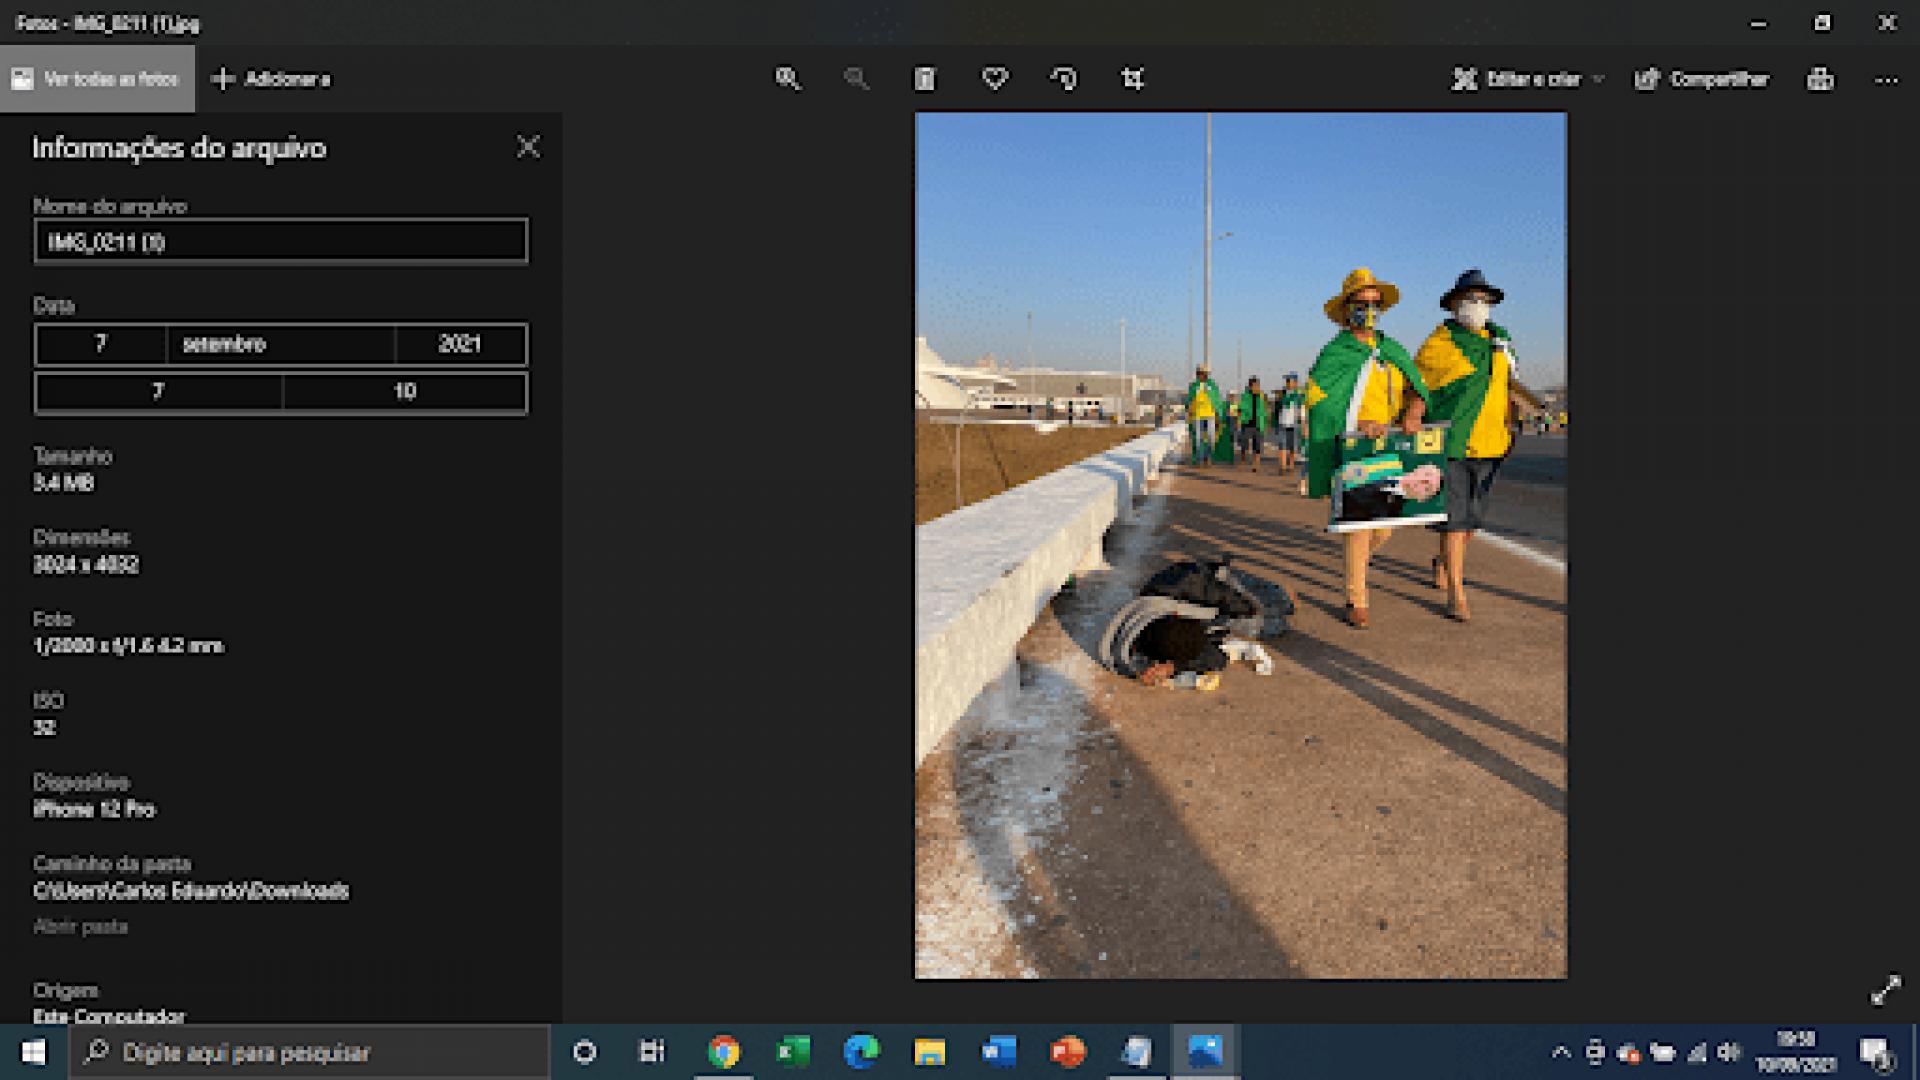 Metadados são informações gravadas pelos equipamentos de captura de fotos digitais e que armazenam em arquivo dados como data, hora e localização da captura, equipamento utilizado e outras informações técnicas sobre a imagem